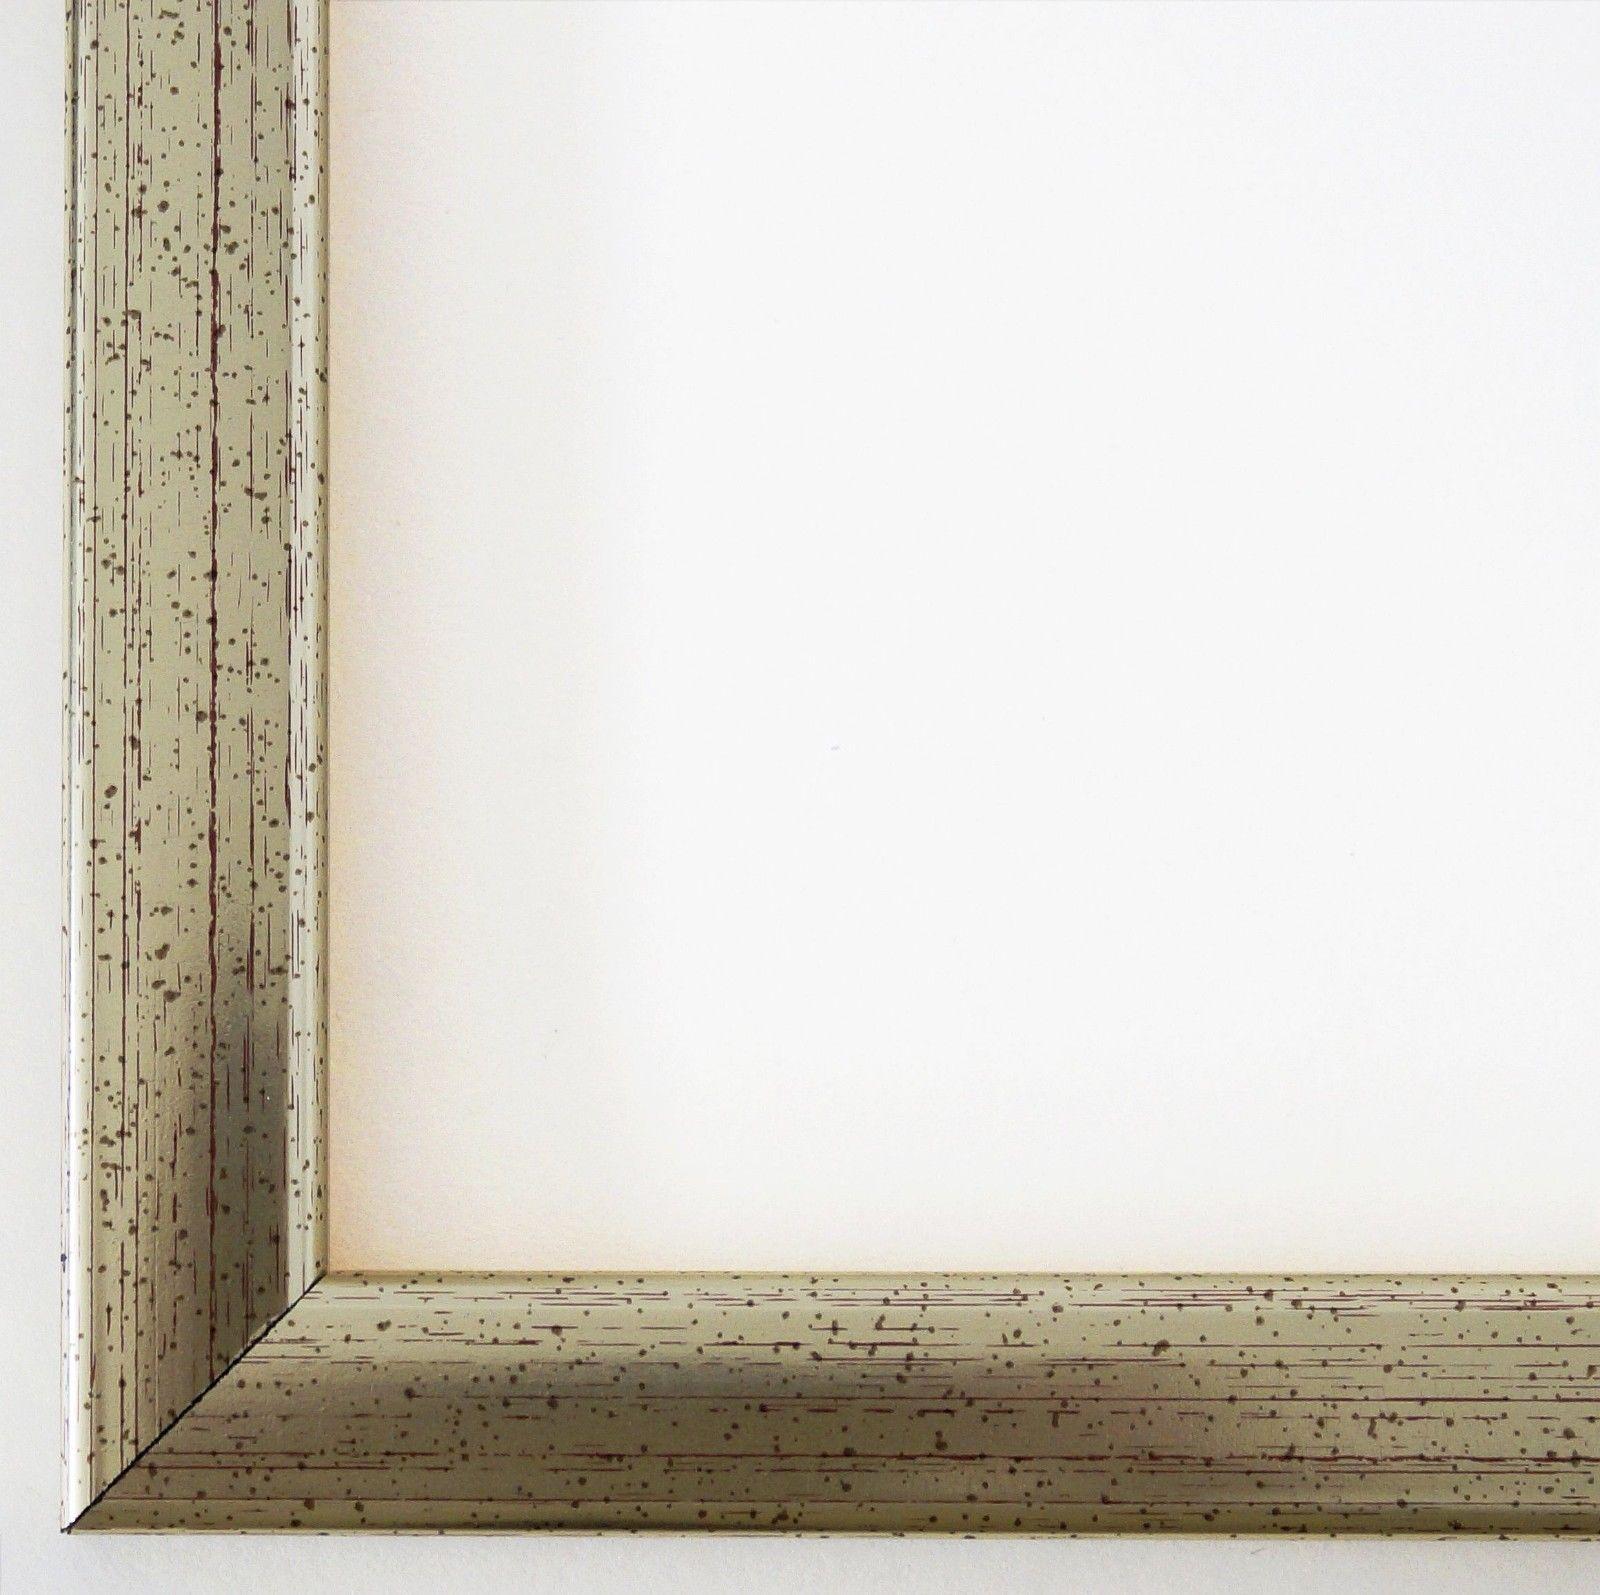 Bilderrahmen Silber Modern Art Deco Rahmen Holz Hannover 2, 4 - alle ...